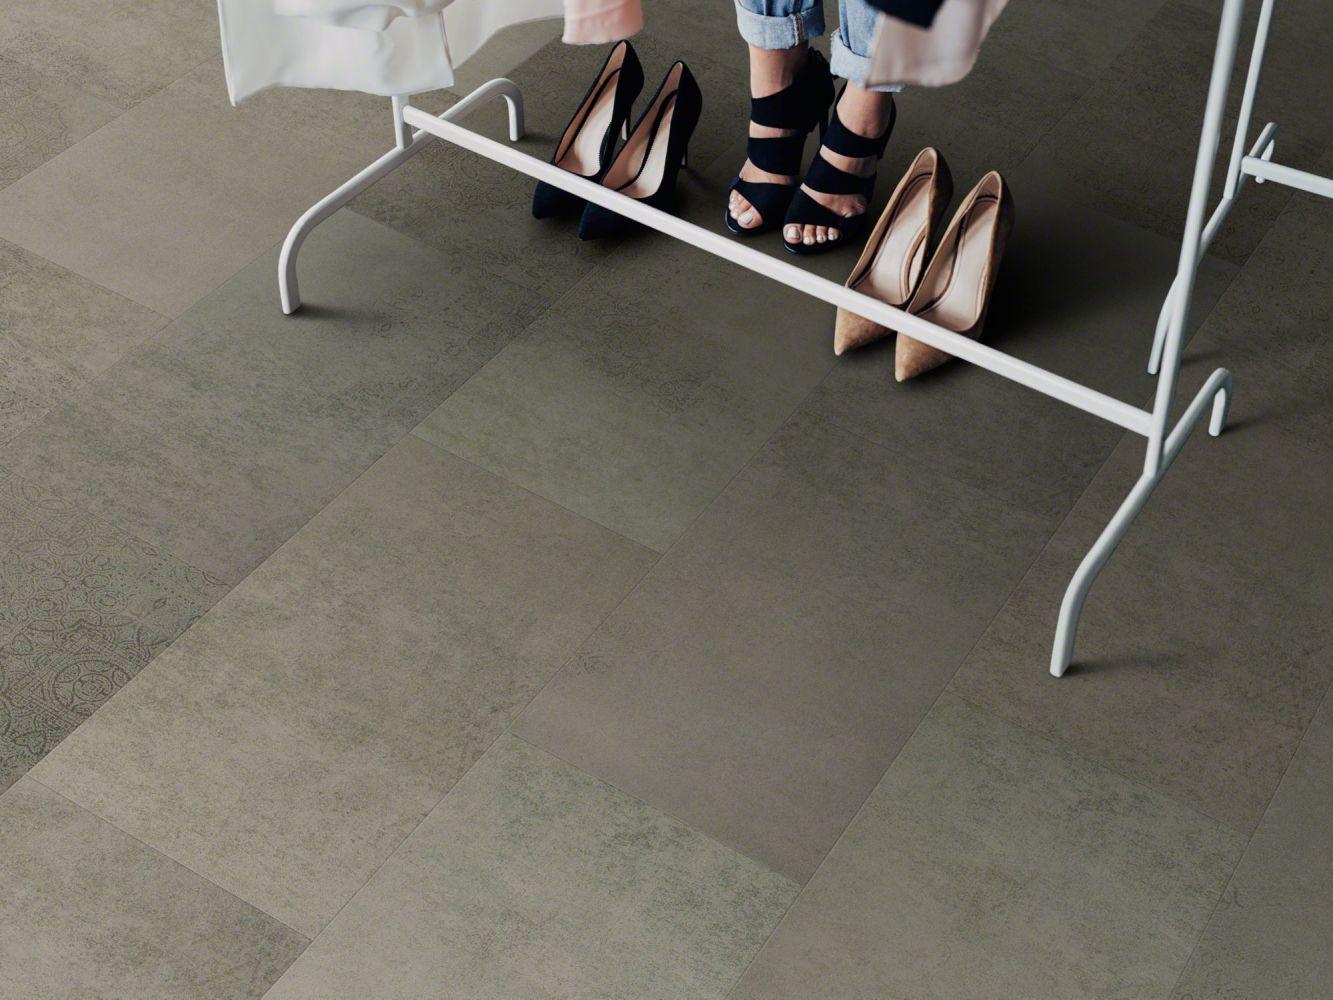 Shaw Floors Vinyl Residential Intrepid Tile Plus Bluff 00588_2026V